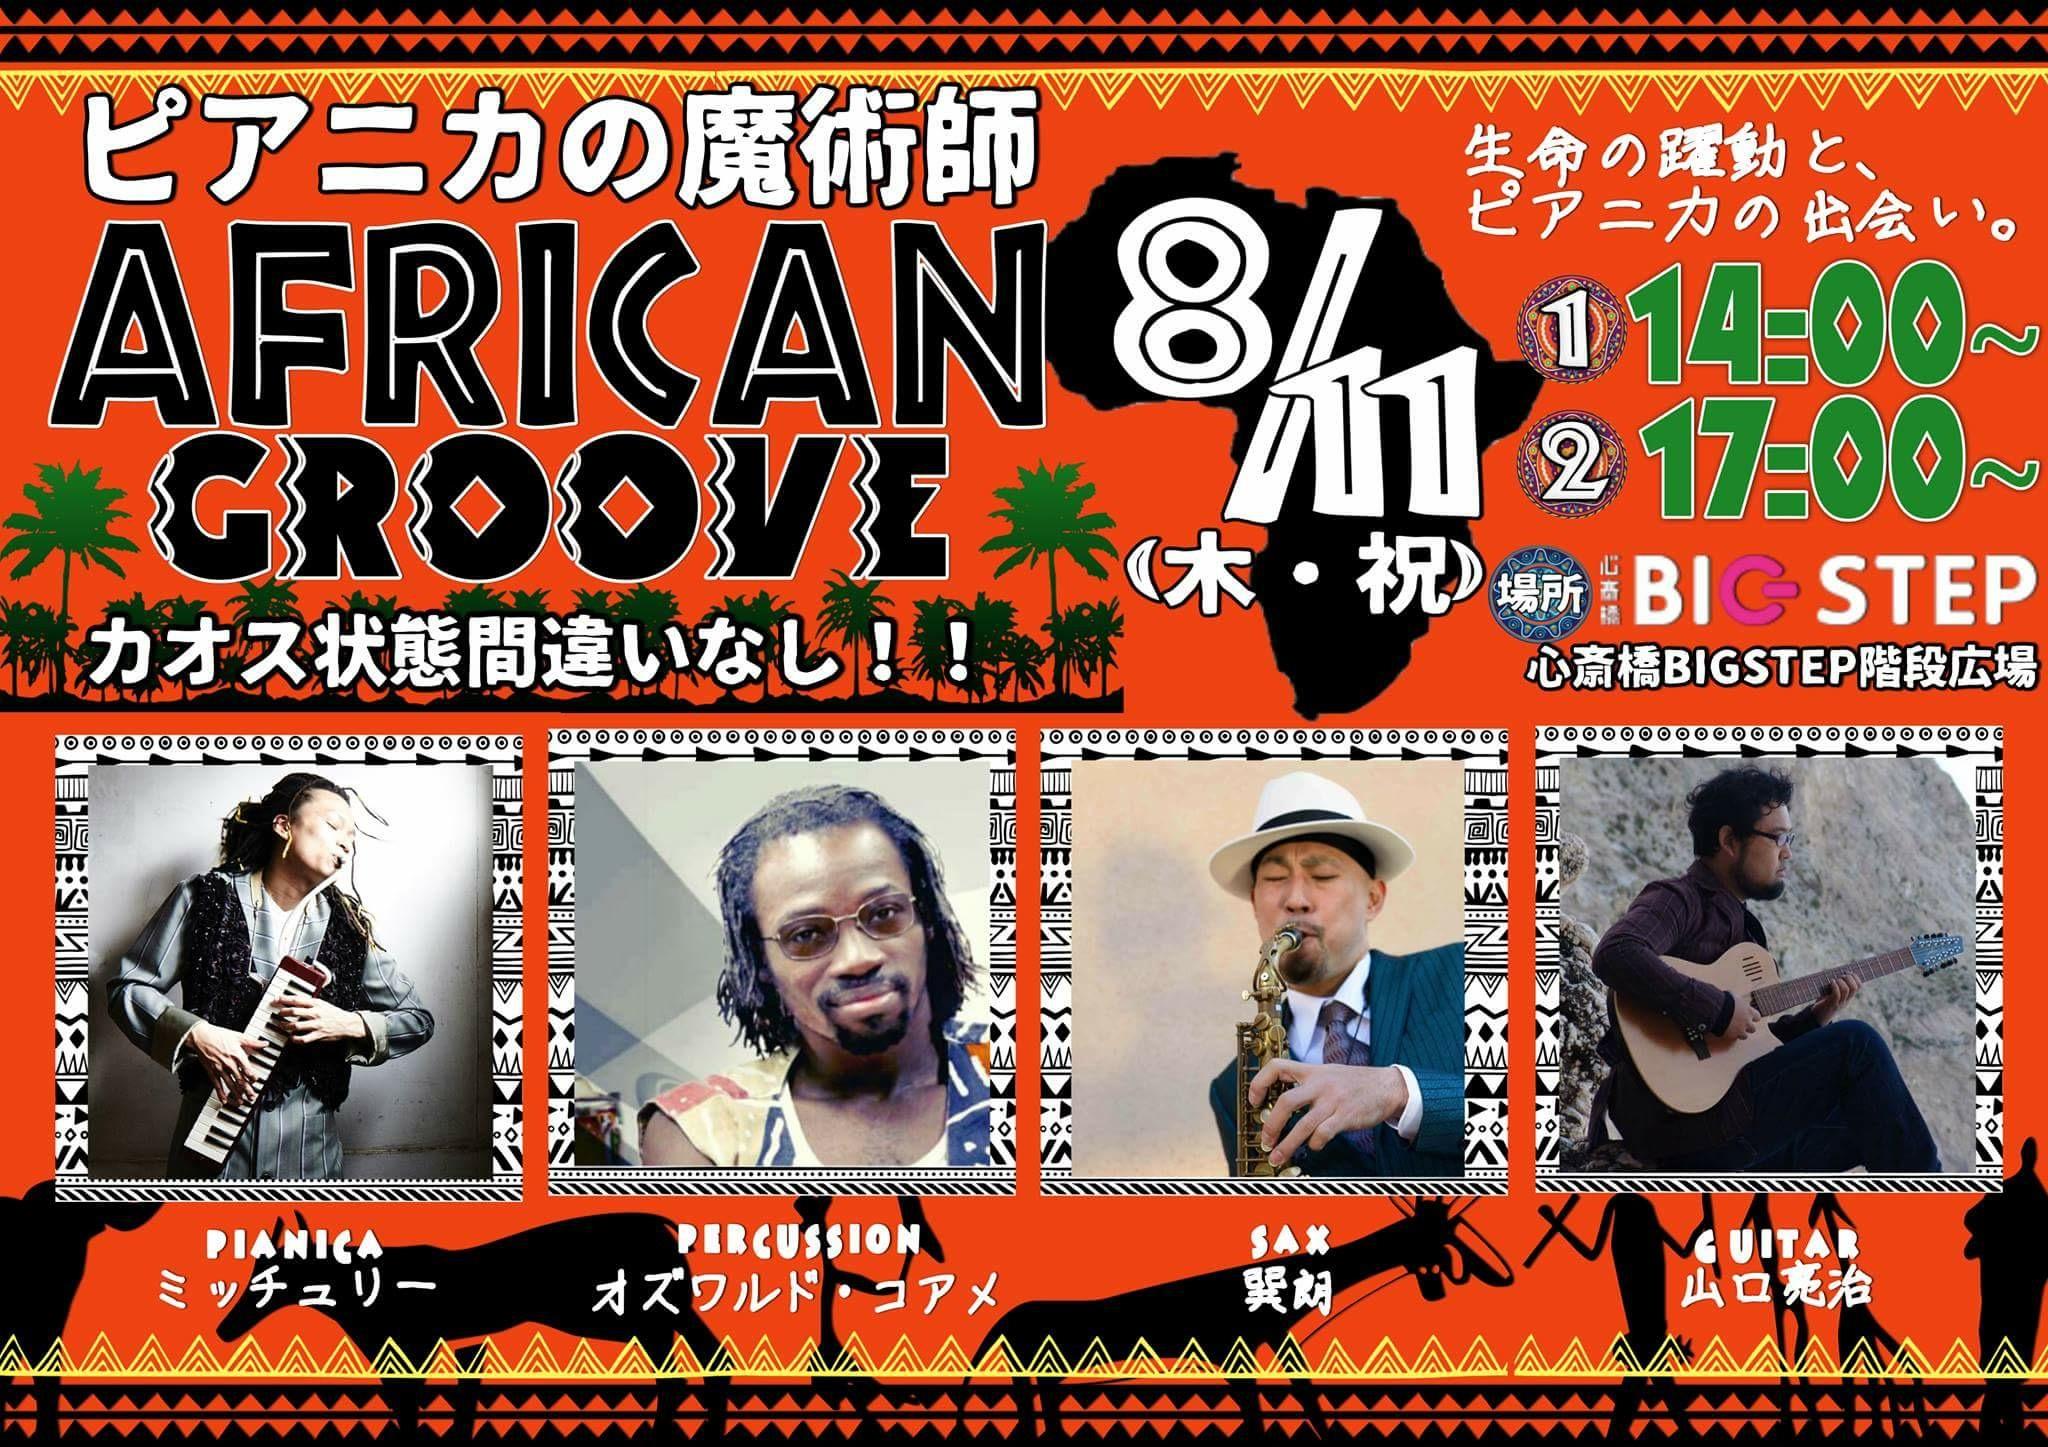 ピアニカの魔術師「AFRICAN GROOVE」@心斎橋BIGSTEP階段広場